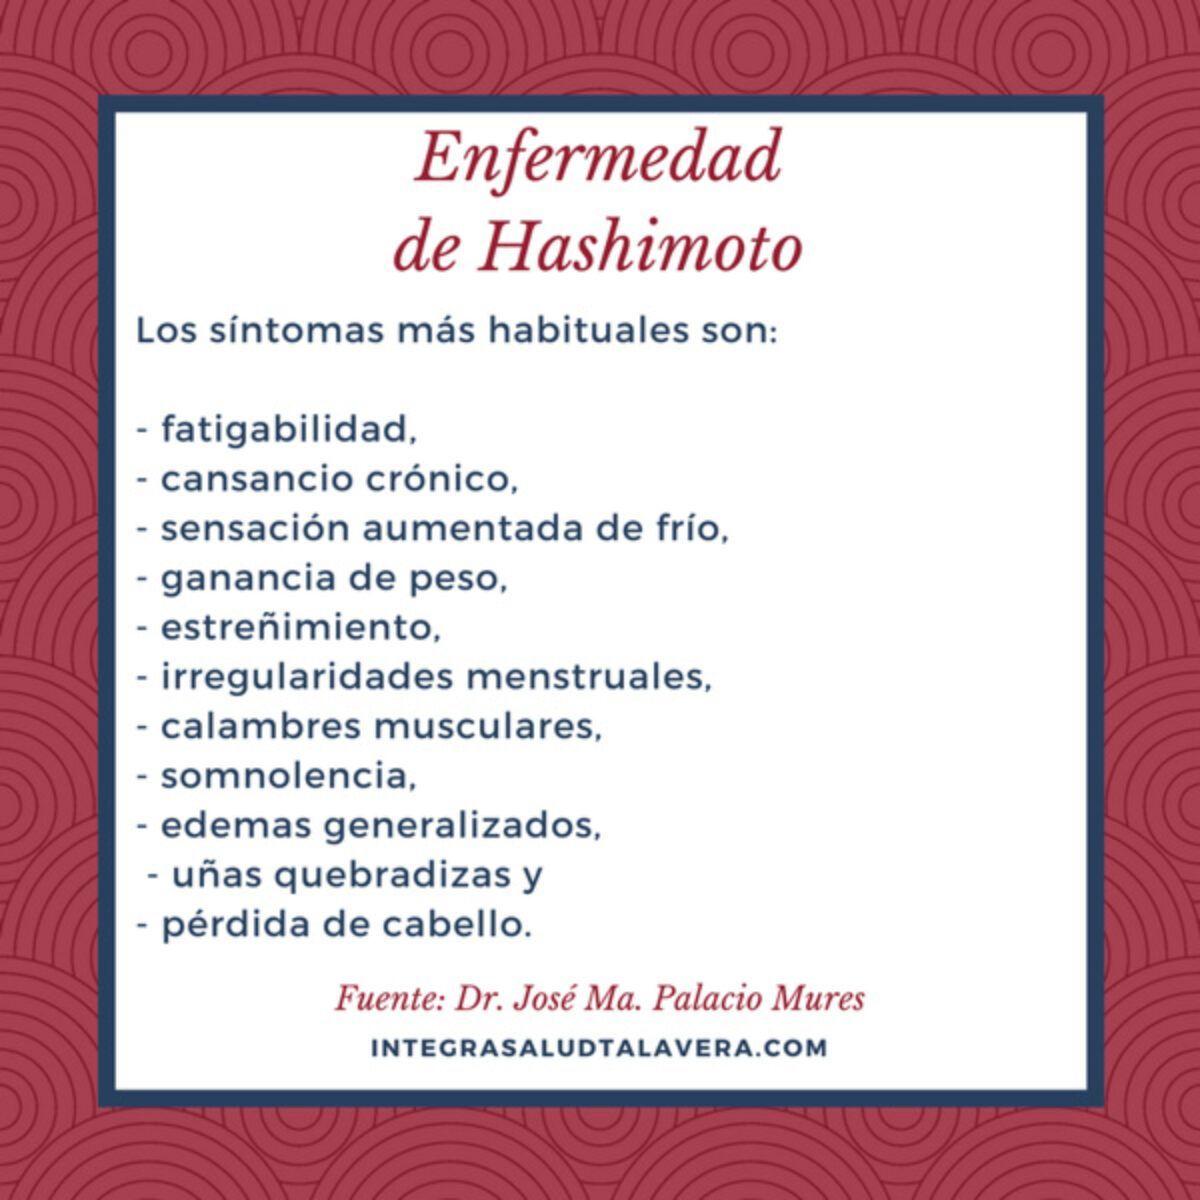 La tiroiditis de Hashimoto es una enfermedad autoinmune